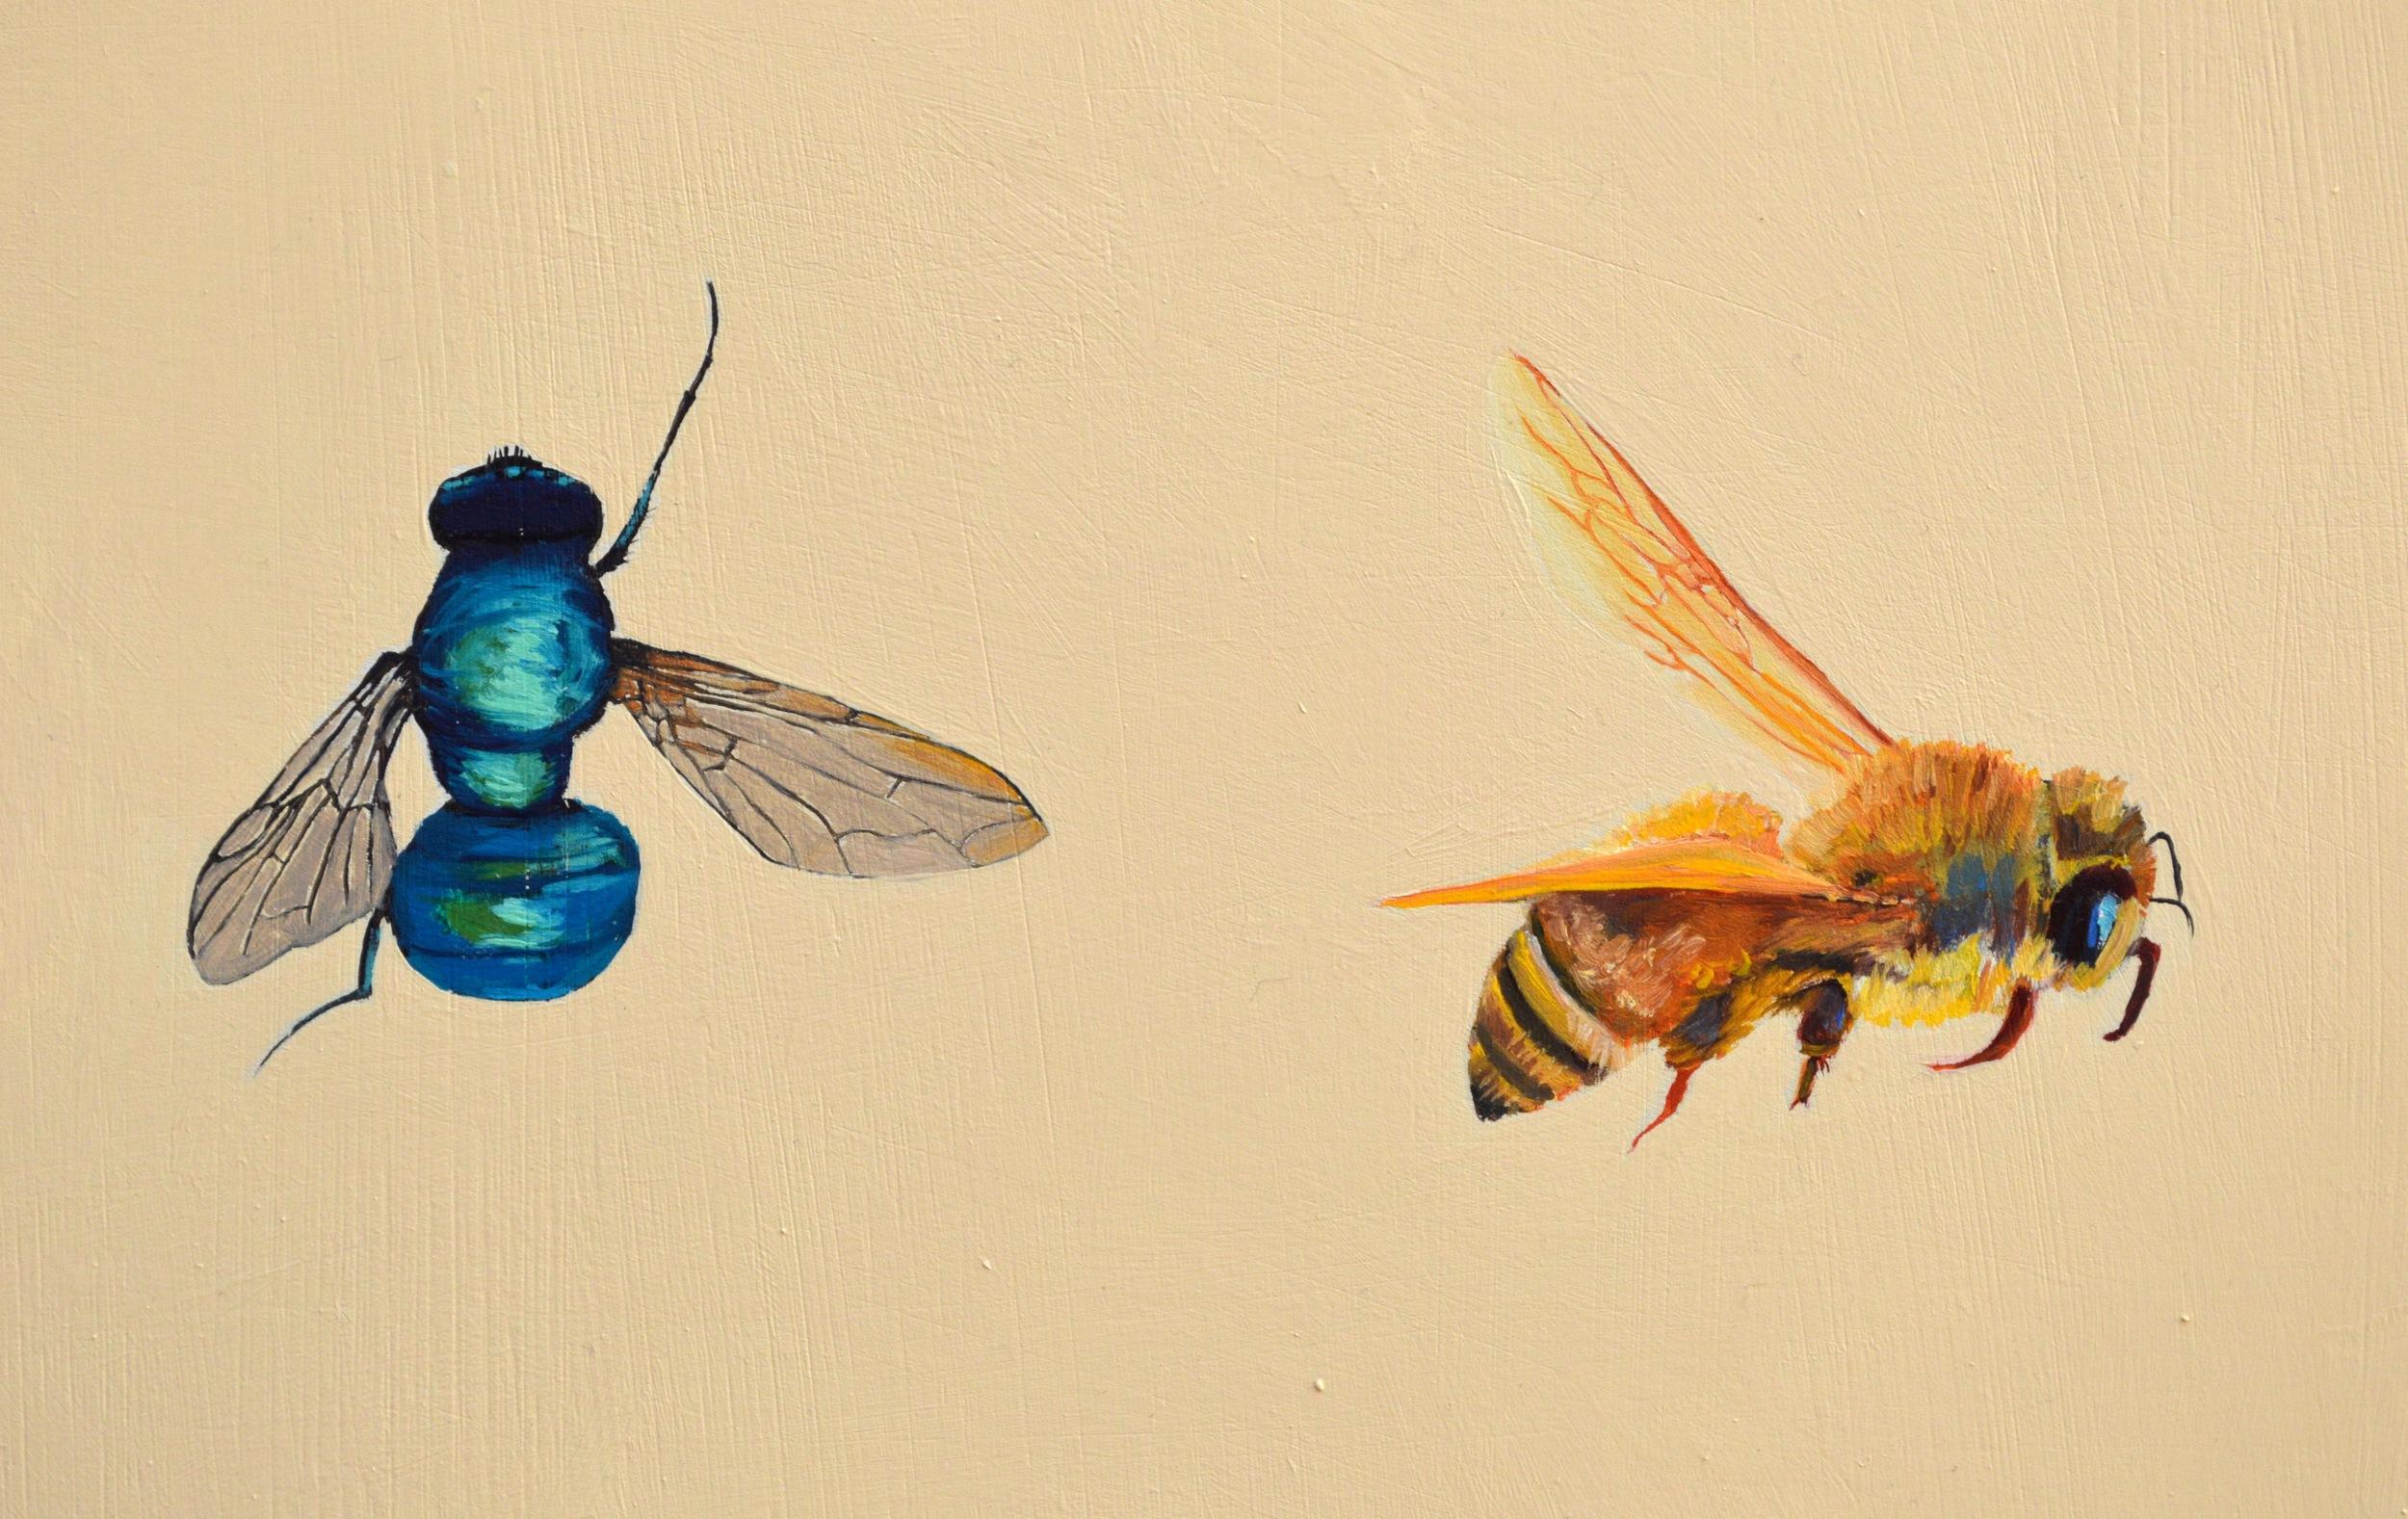 flyandbee.jpg